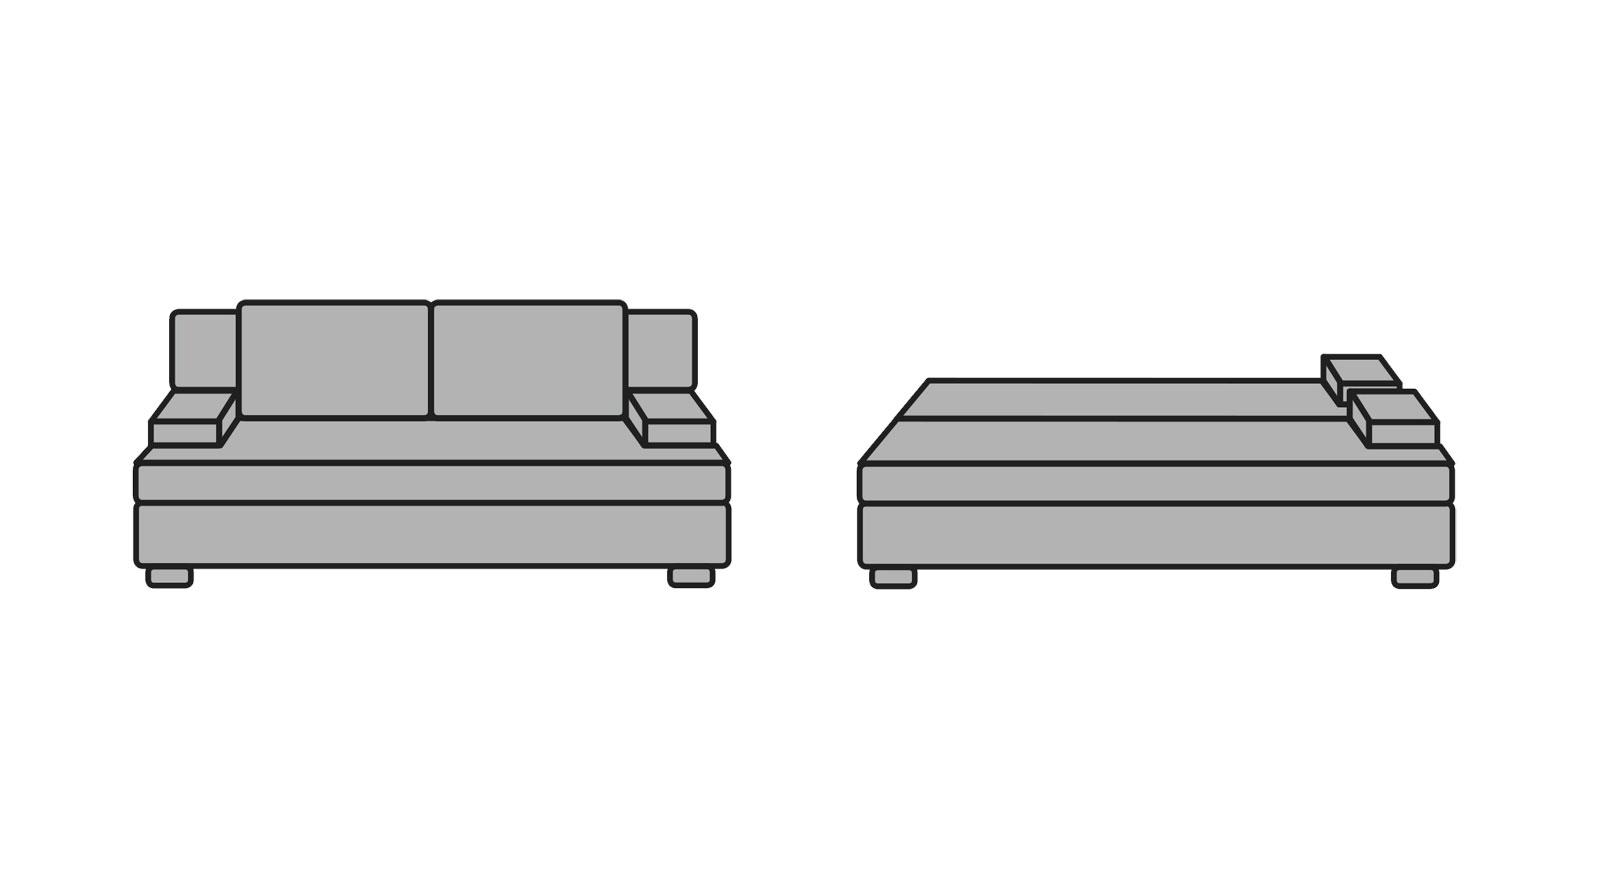 Schlafsofa Hill-Brook mit einfacher Umwandlung zum Doppelbett